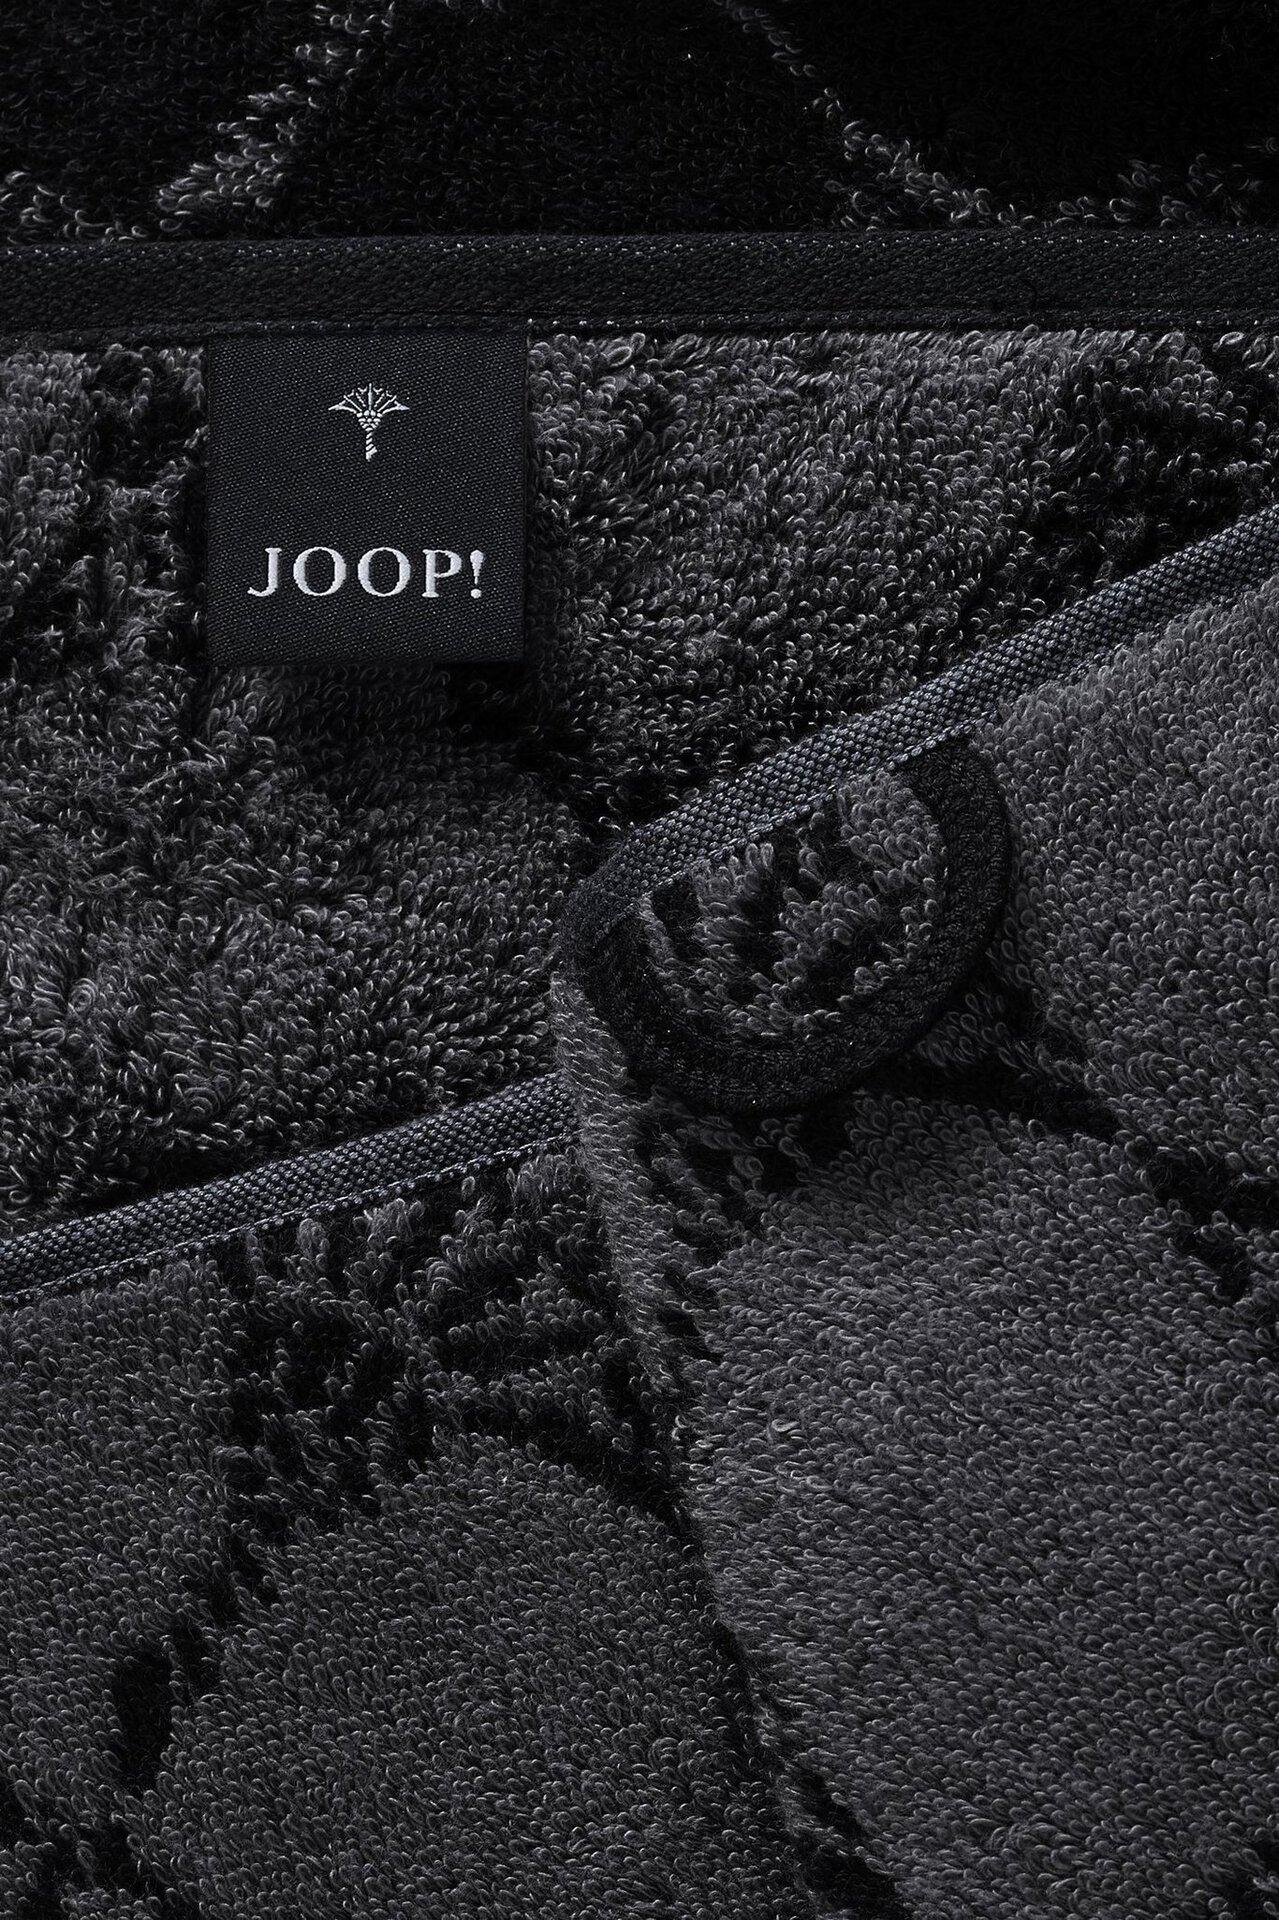 Saunatuch Classic Joop! Textil 80 x 200 cm